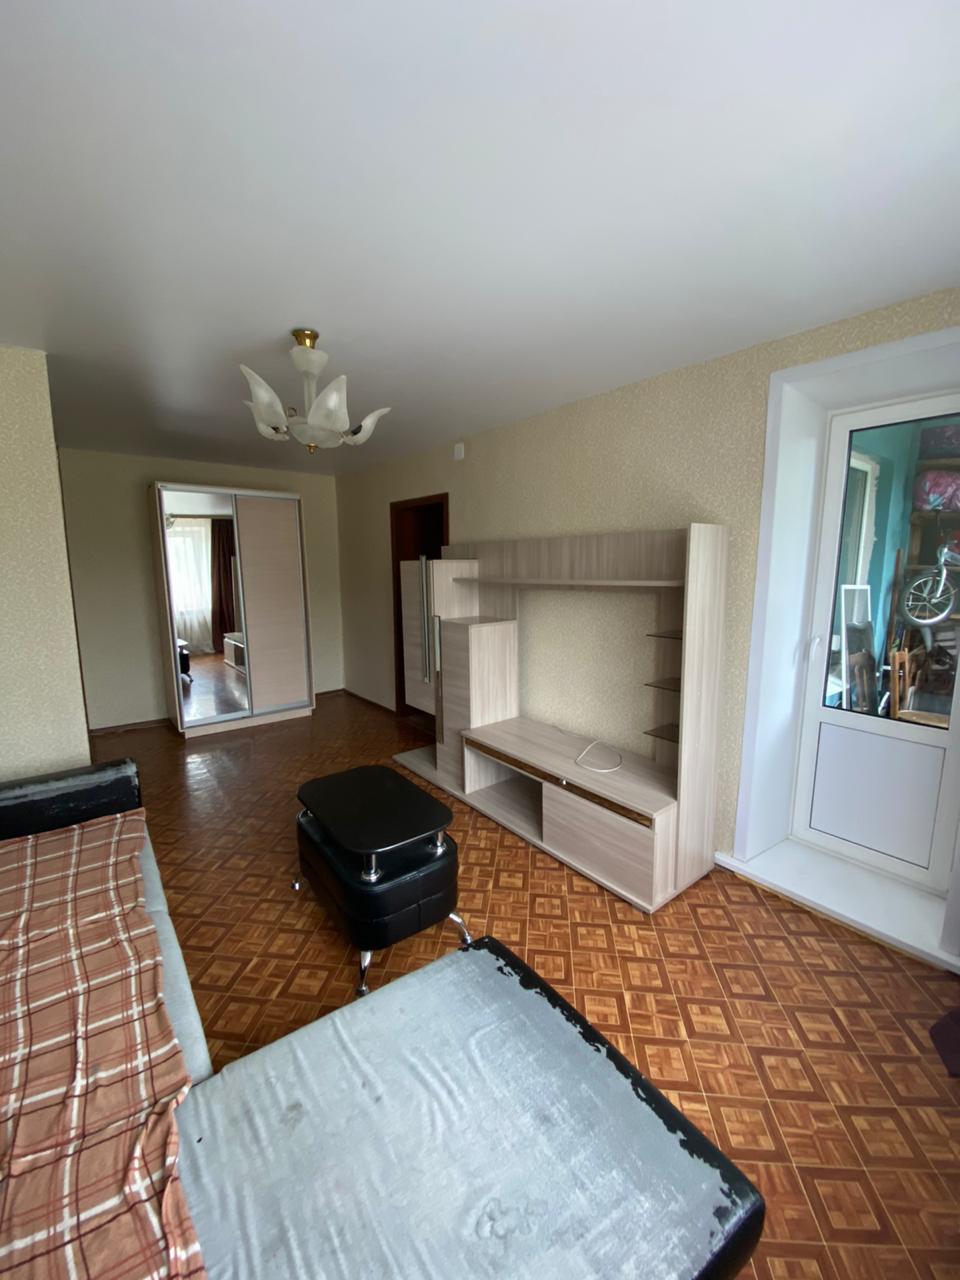 Аренда 2-комнатной квартиры, г. Тольятти, Мира улица  дом 100